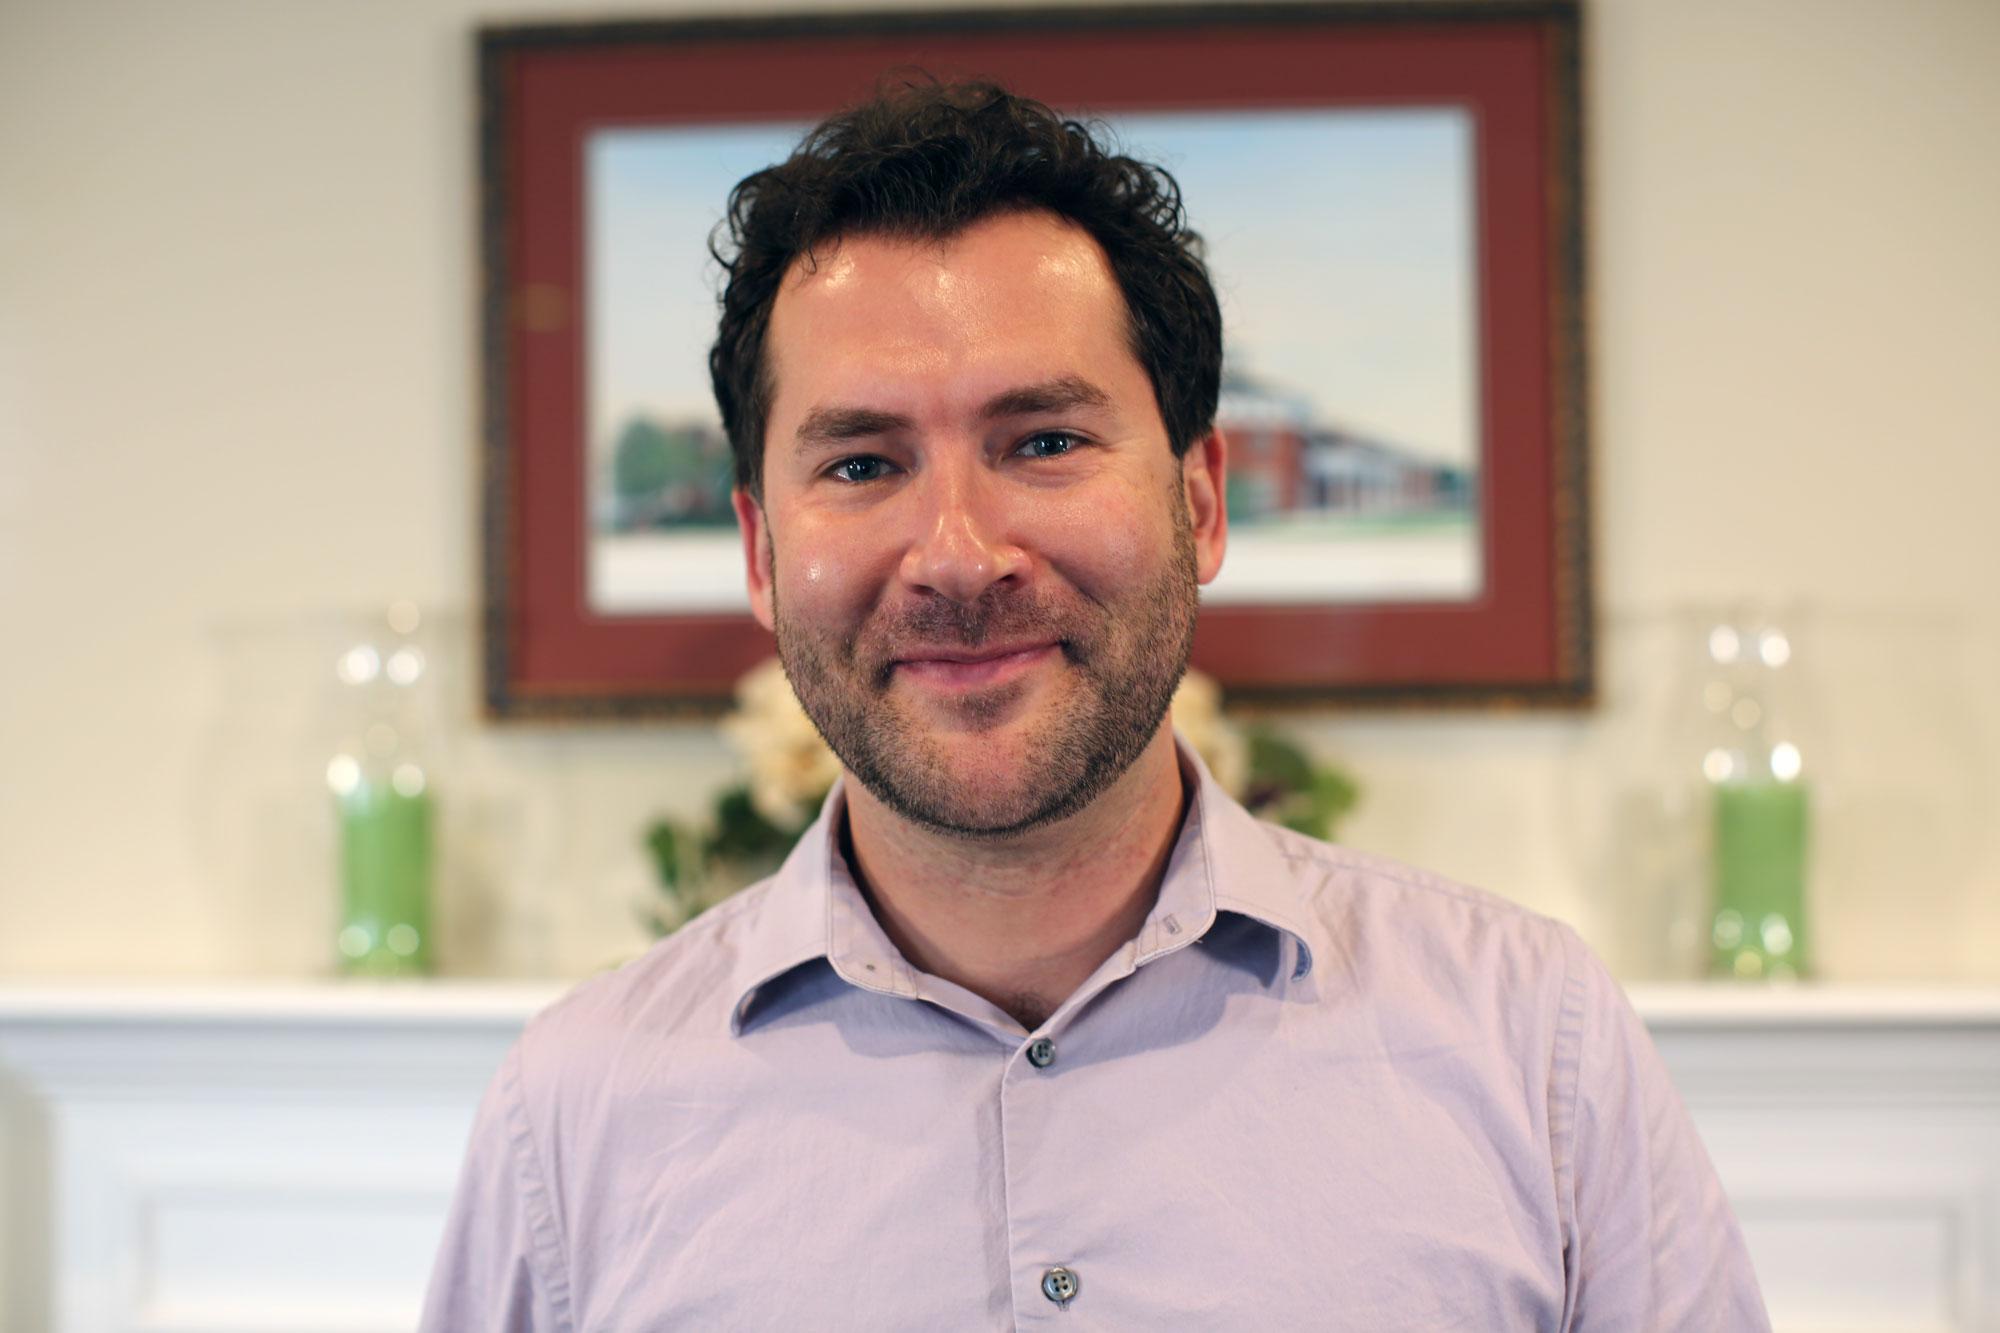 Adam Hendrickson